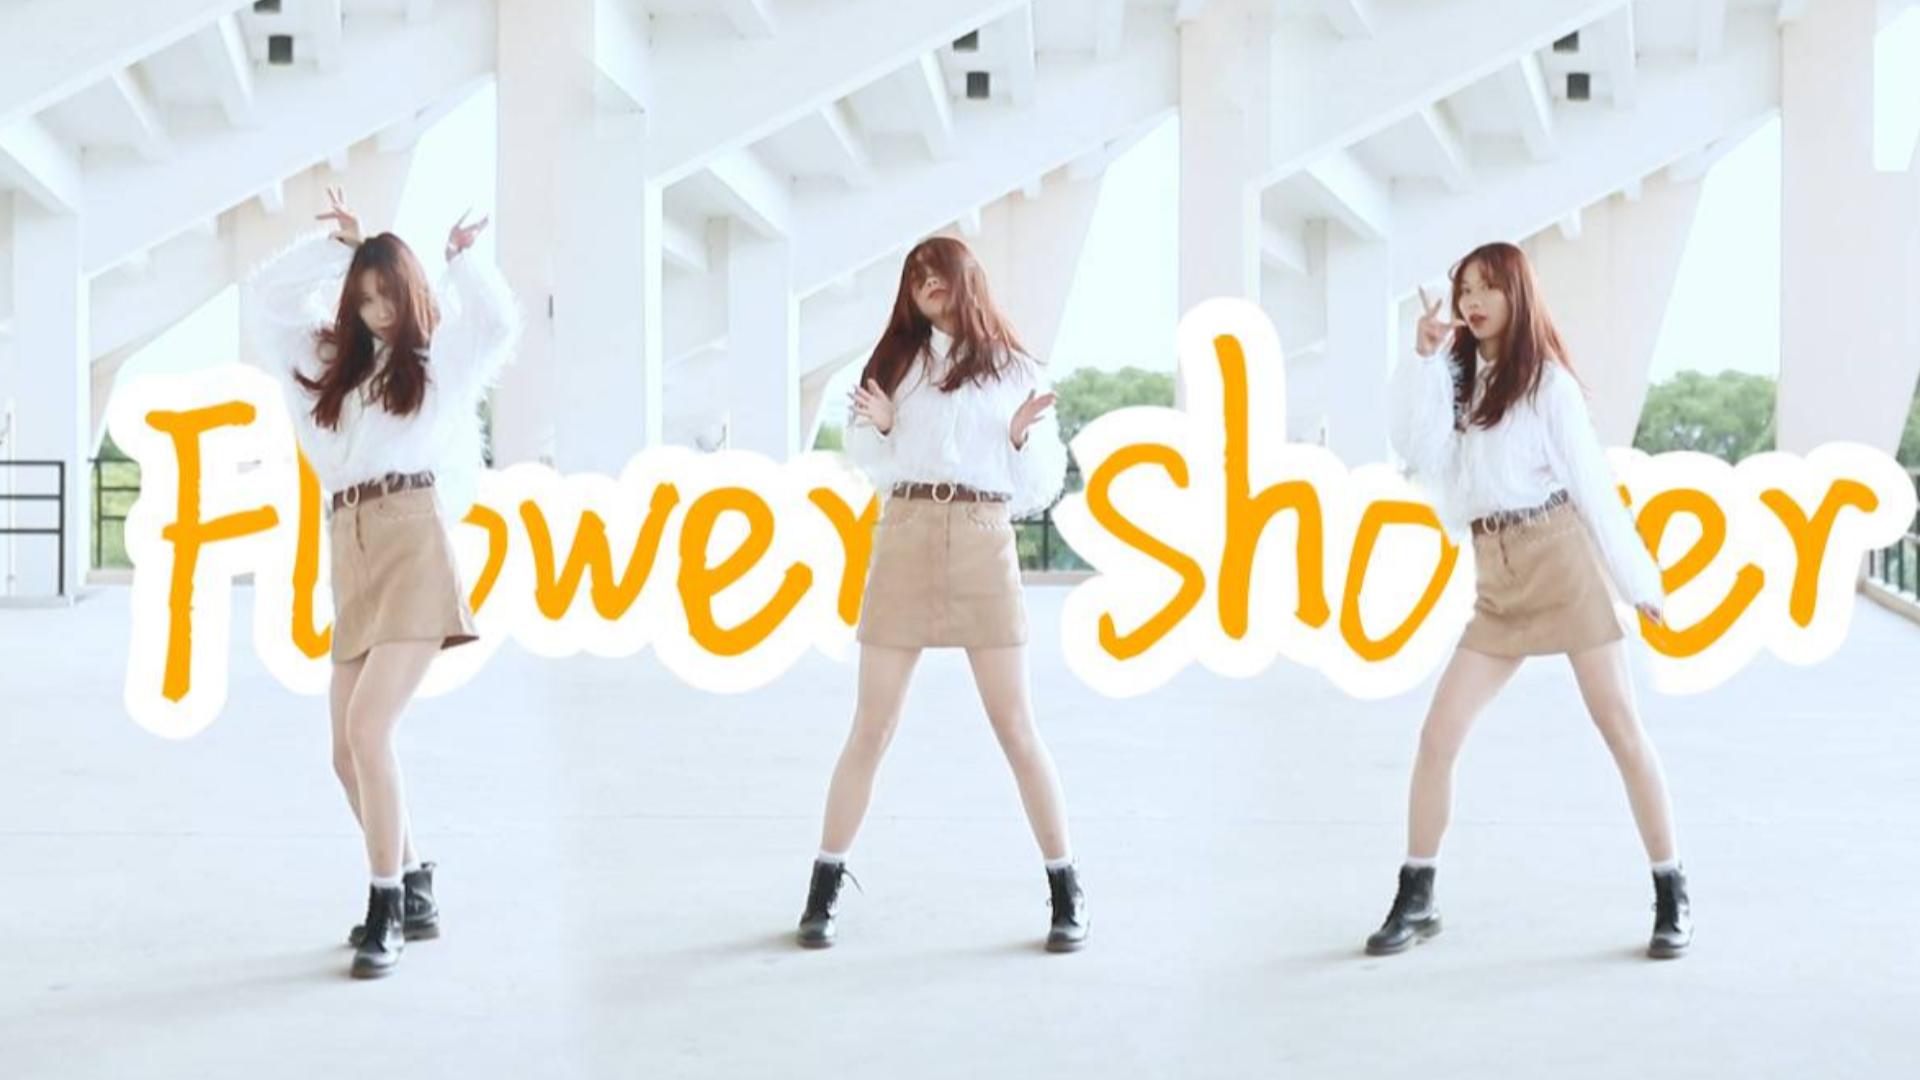 【莓仙】泫雅-Flower Shower性感翻跳